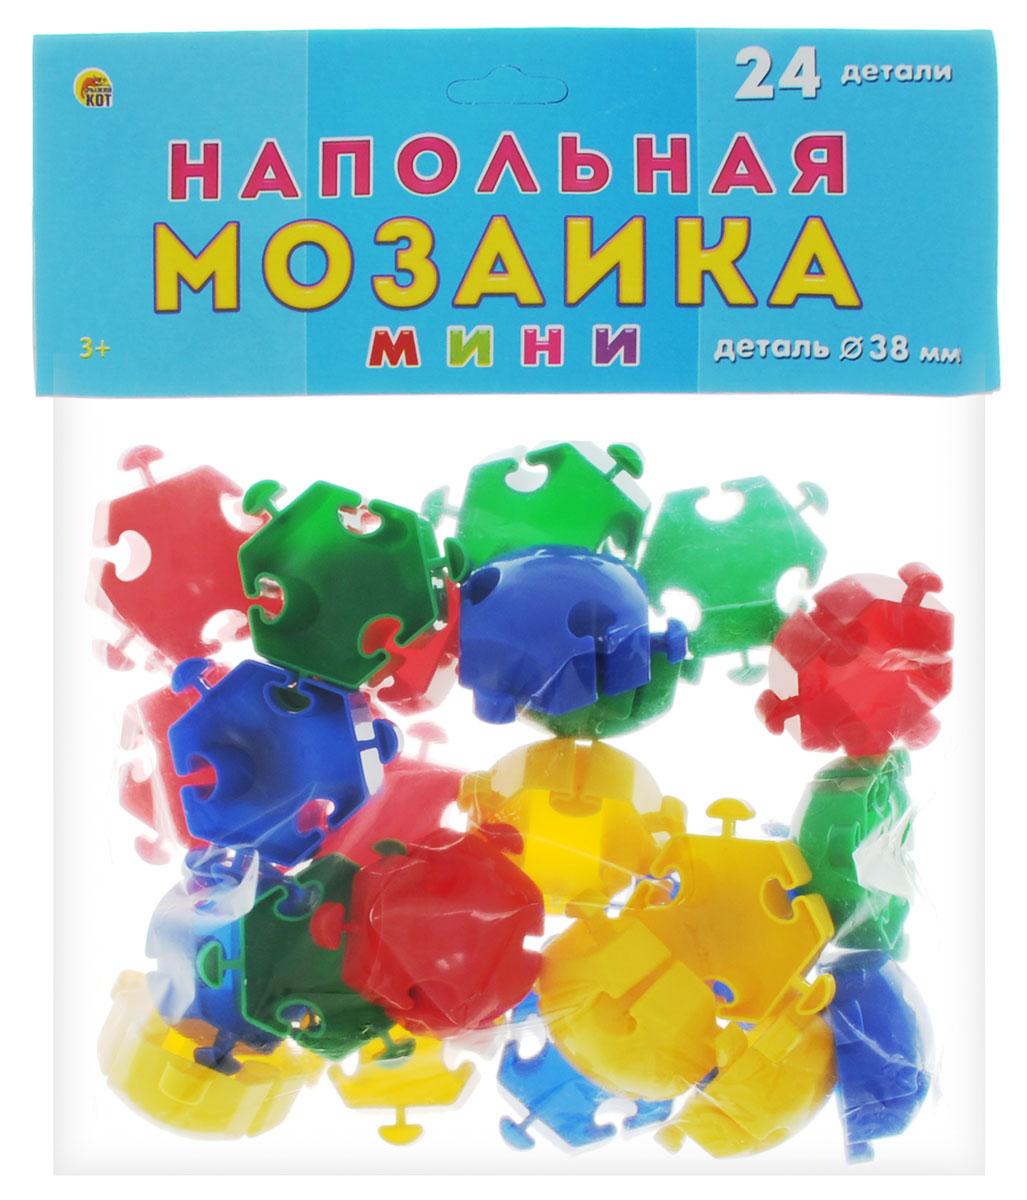 Рыжий Кот Мозаика напольная 24 элемента издательство рыжий кот мягкая мозаика попугай формат а5 21х15 см